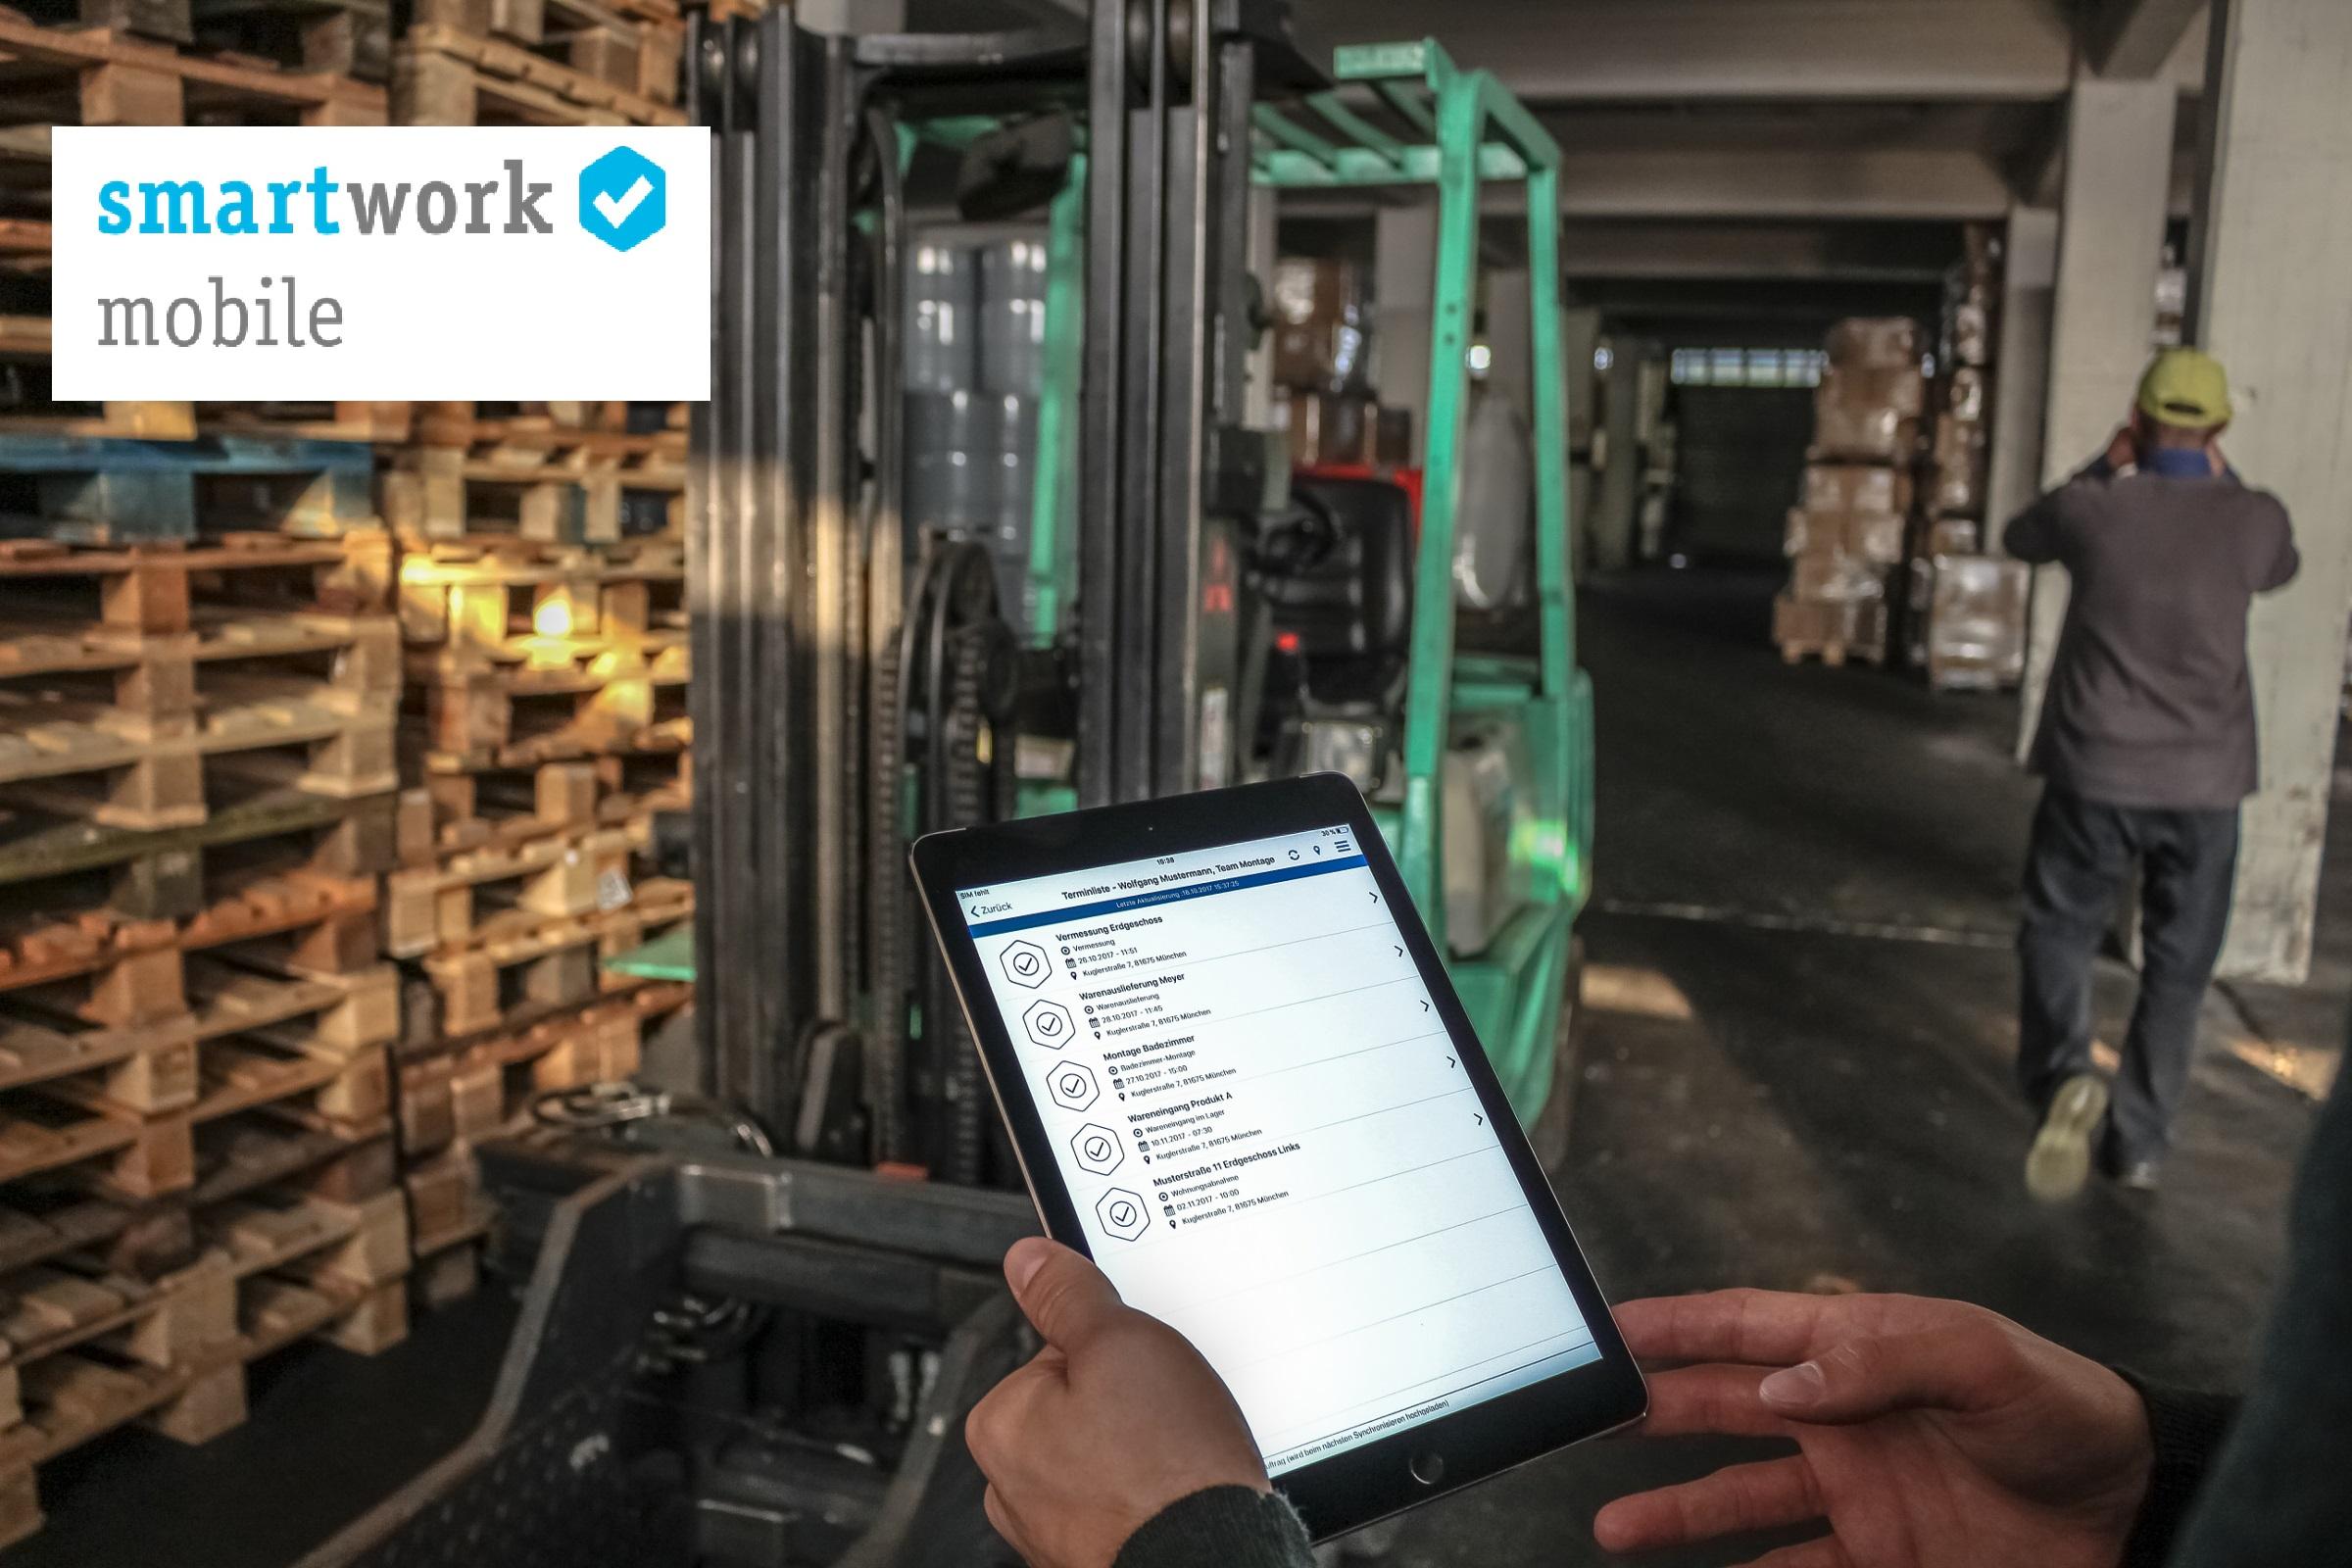 Smartwork Mobile